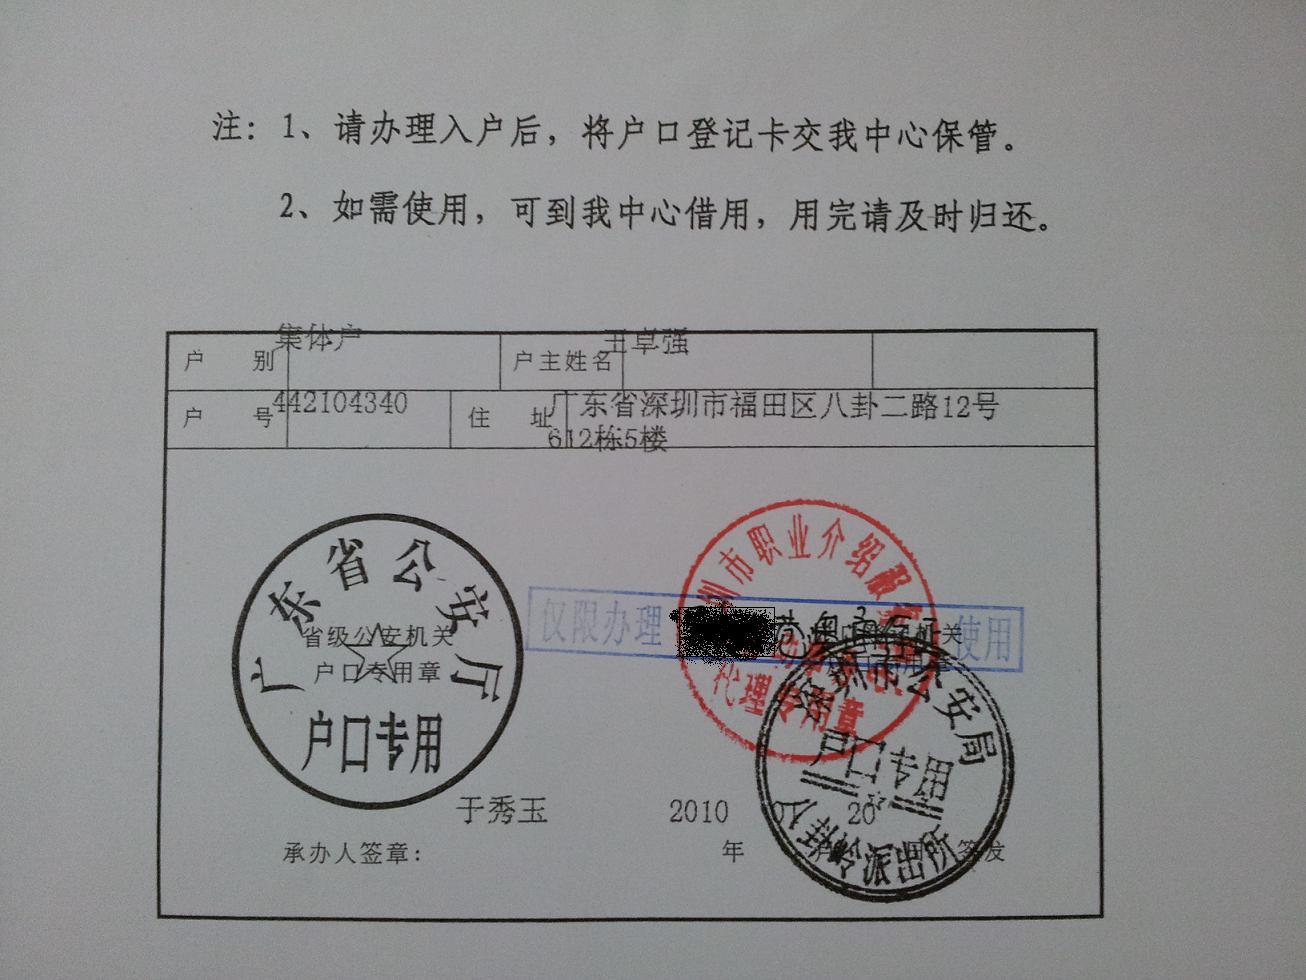 谁有深圳集体户口首页的样本?